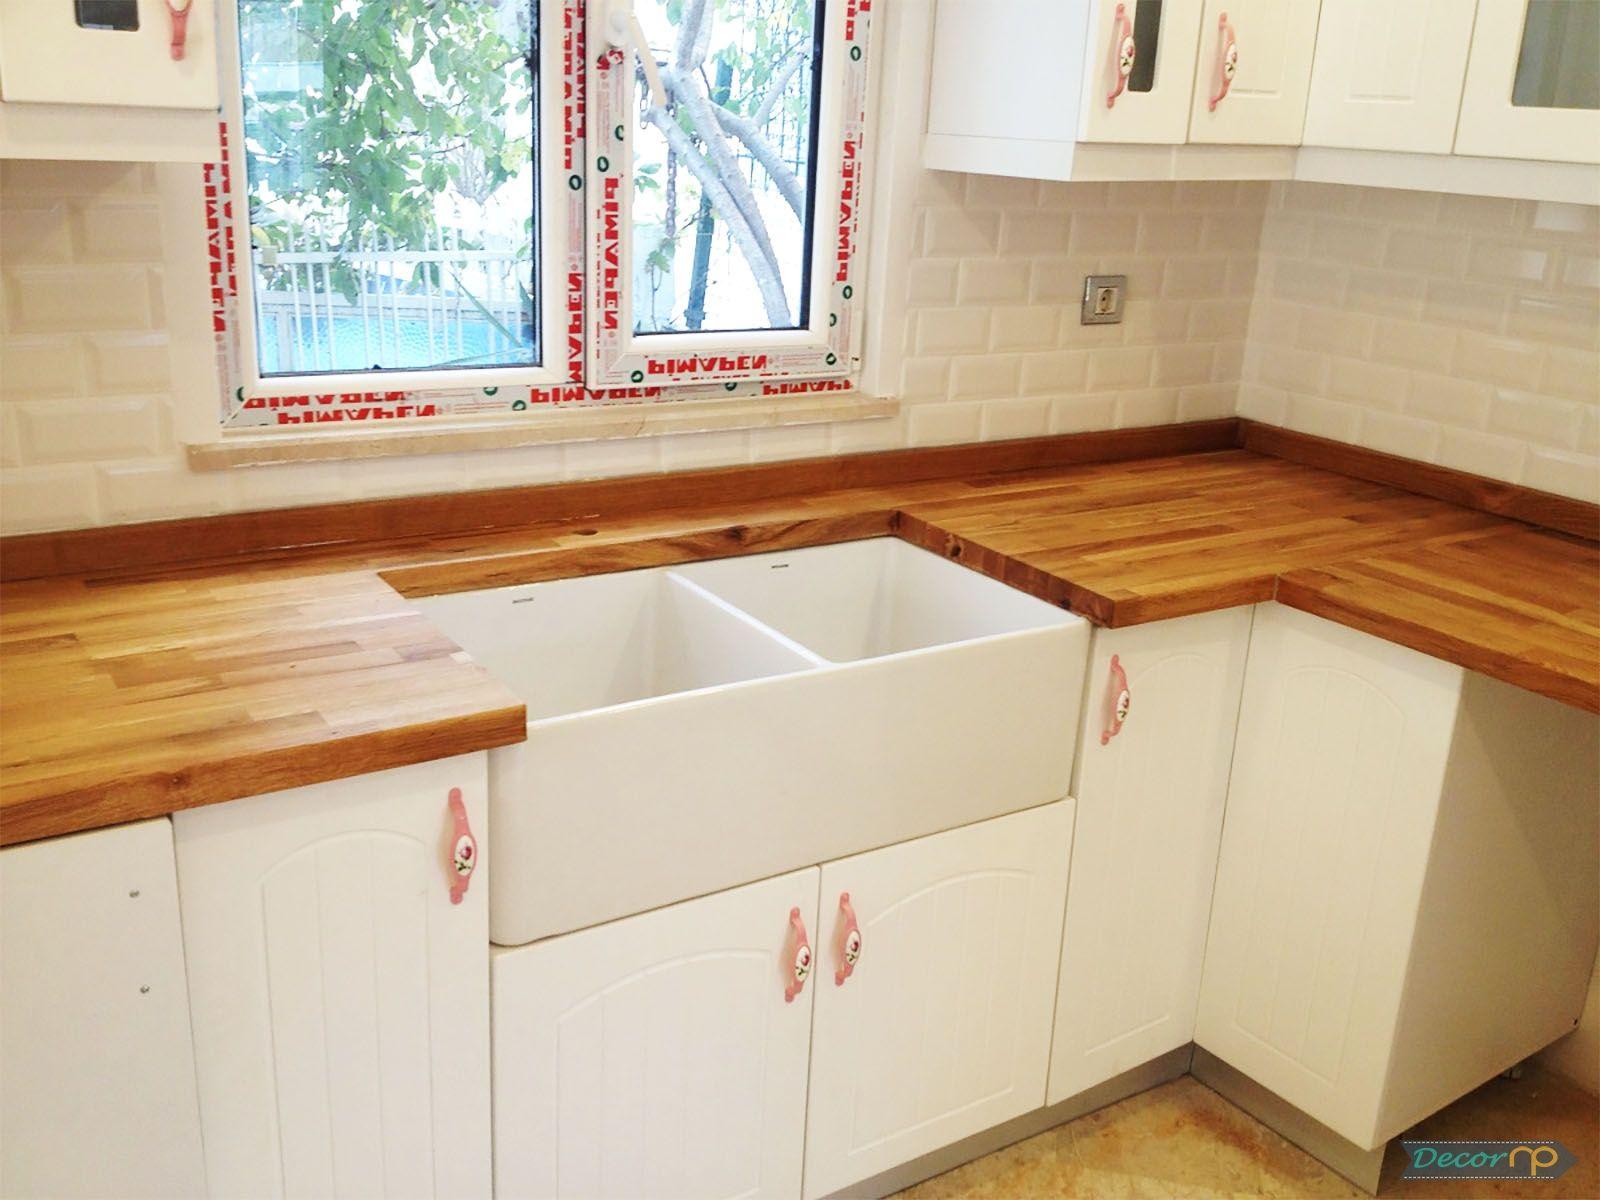 Küchenideen ziegel  tips on choosing kitchen set cabinetunits  zukünftige projekte